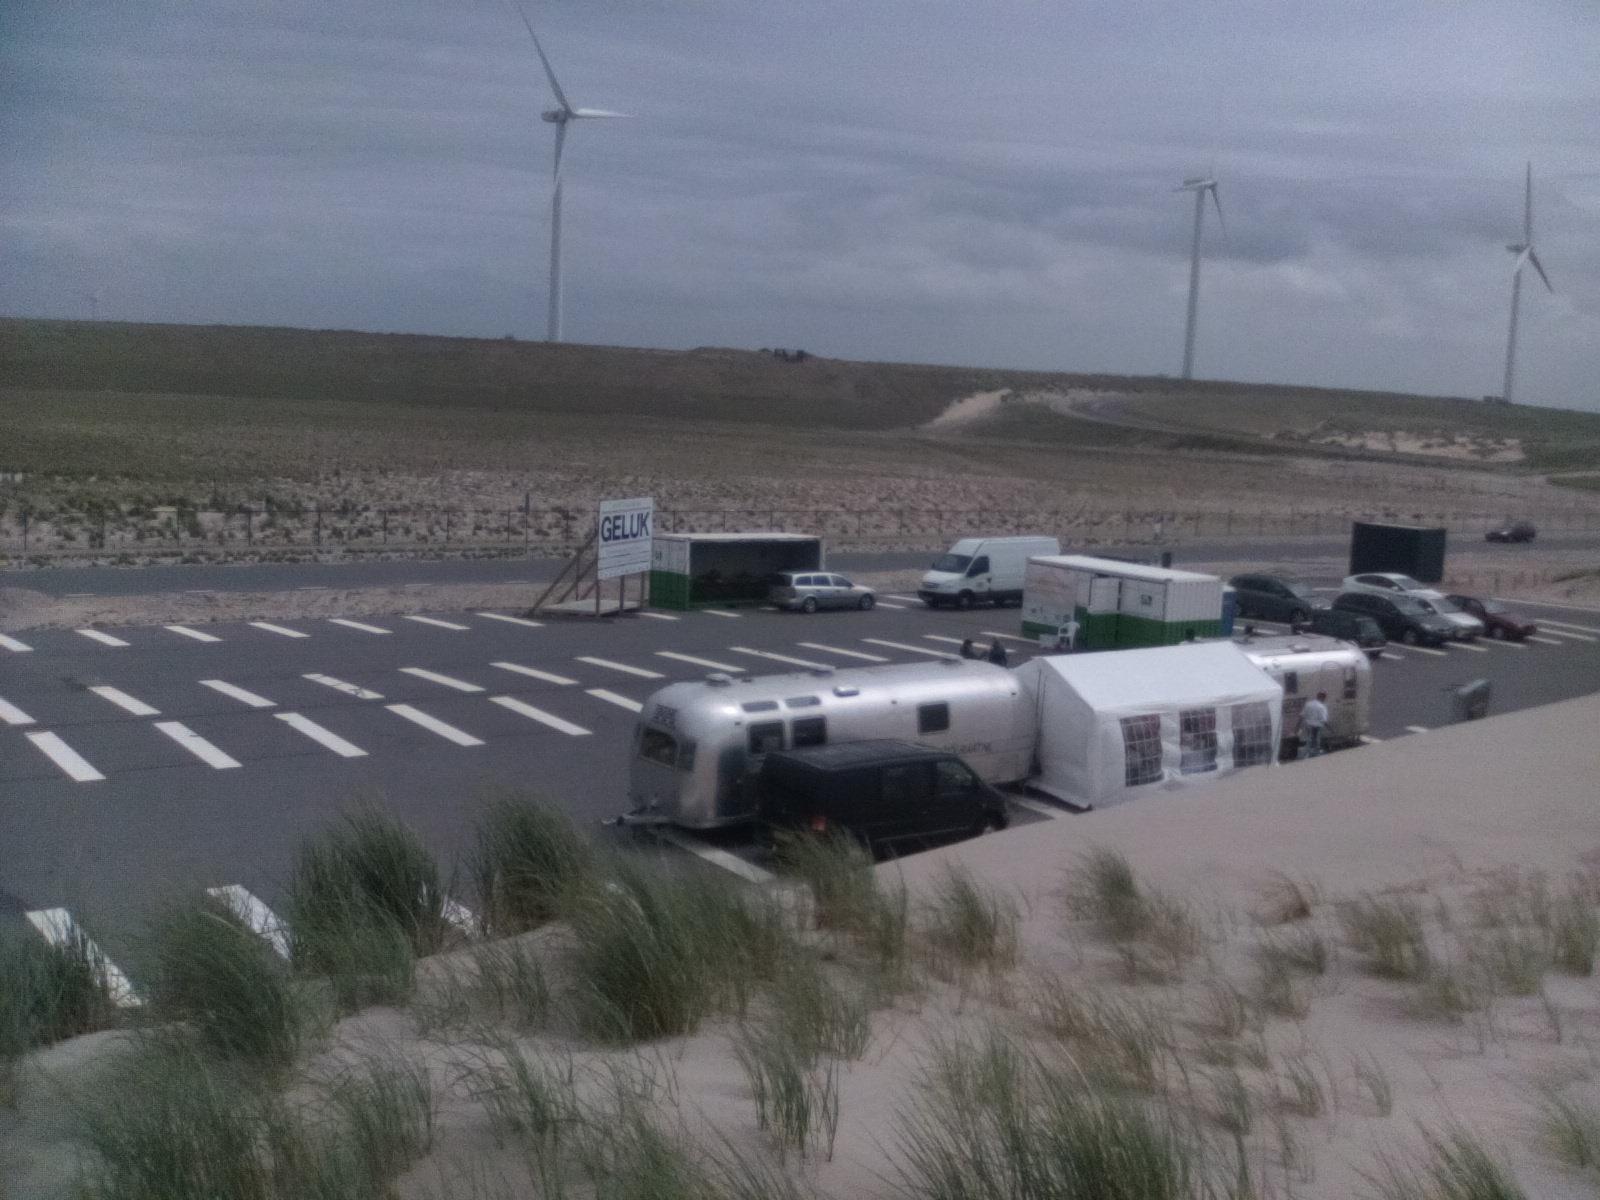 Pop-up Horeca Camping onbestemd Maasvlakte 2